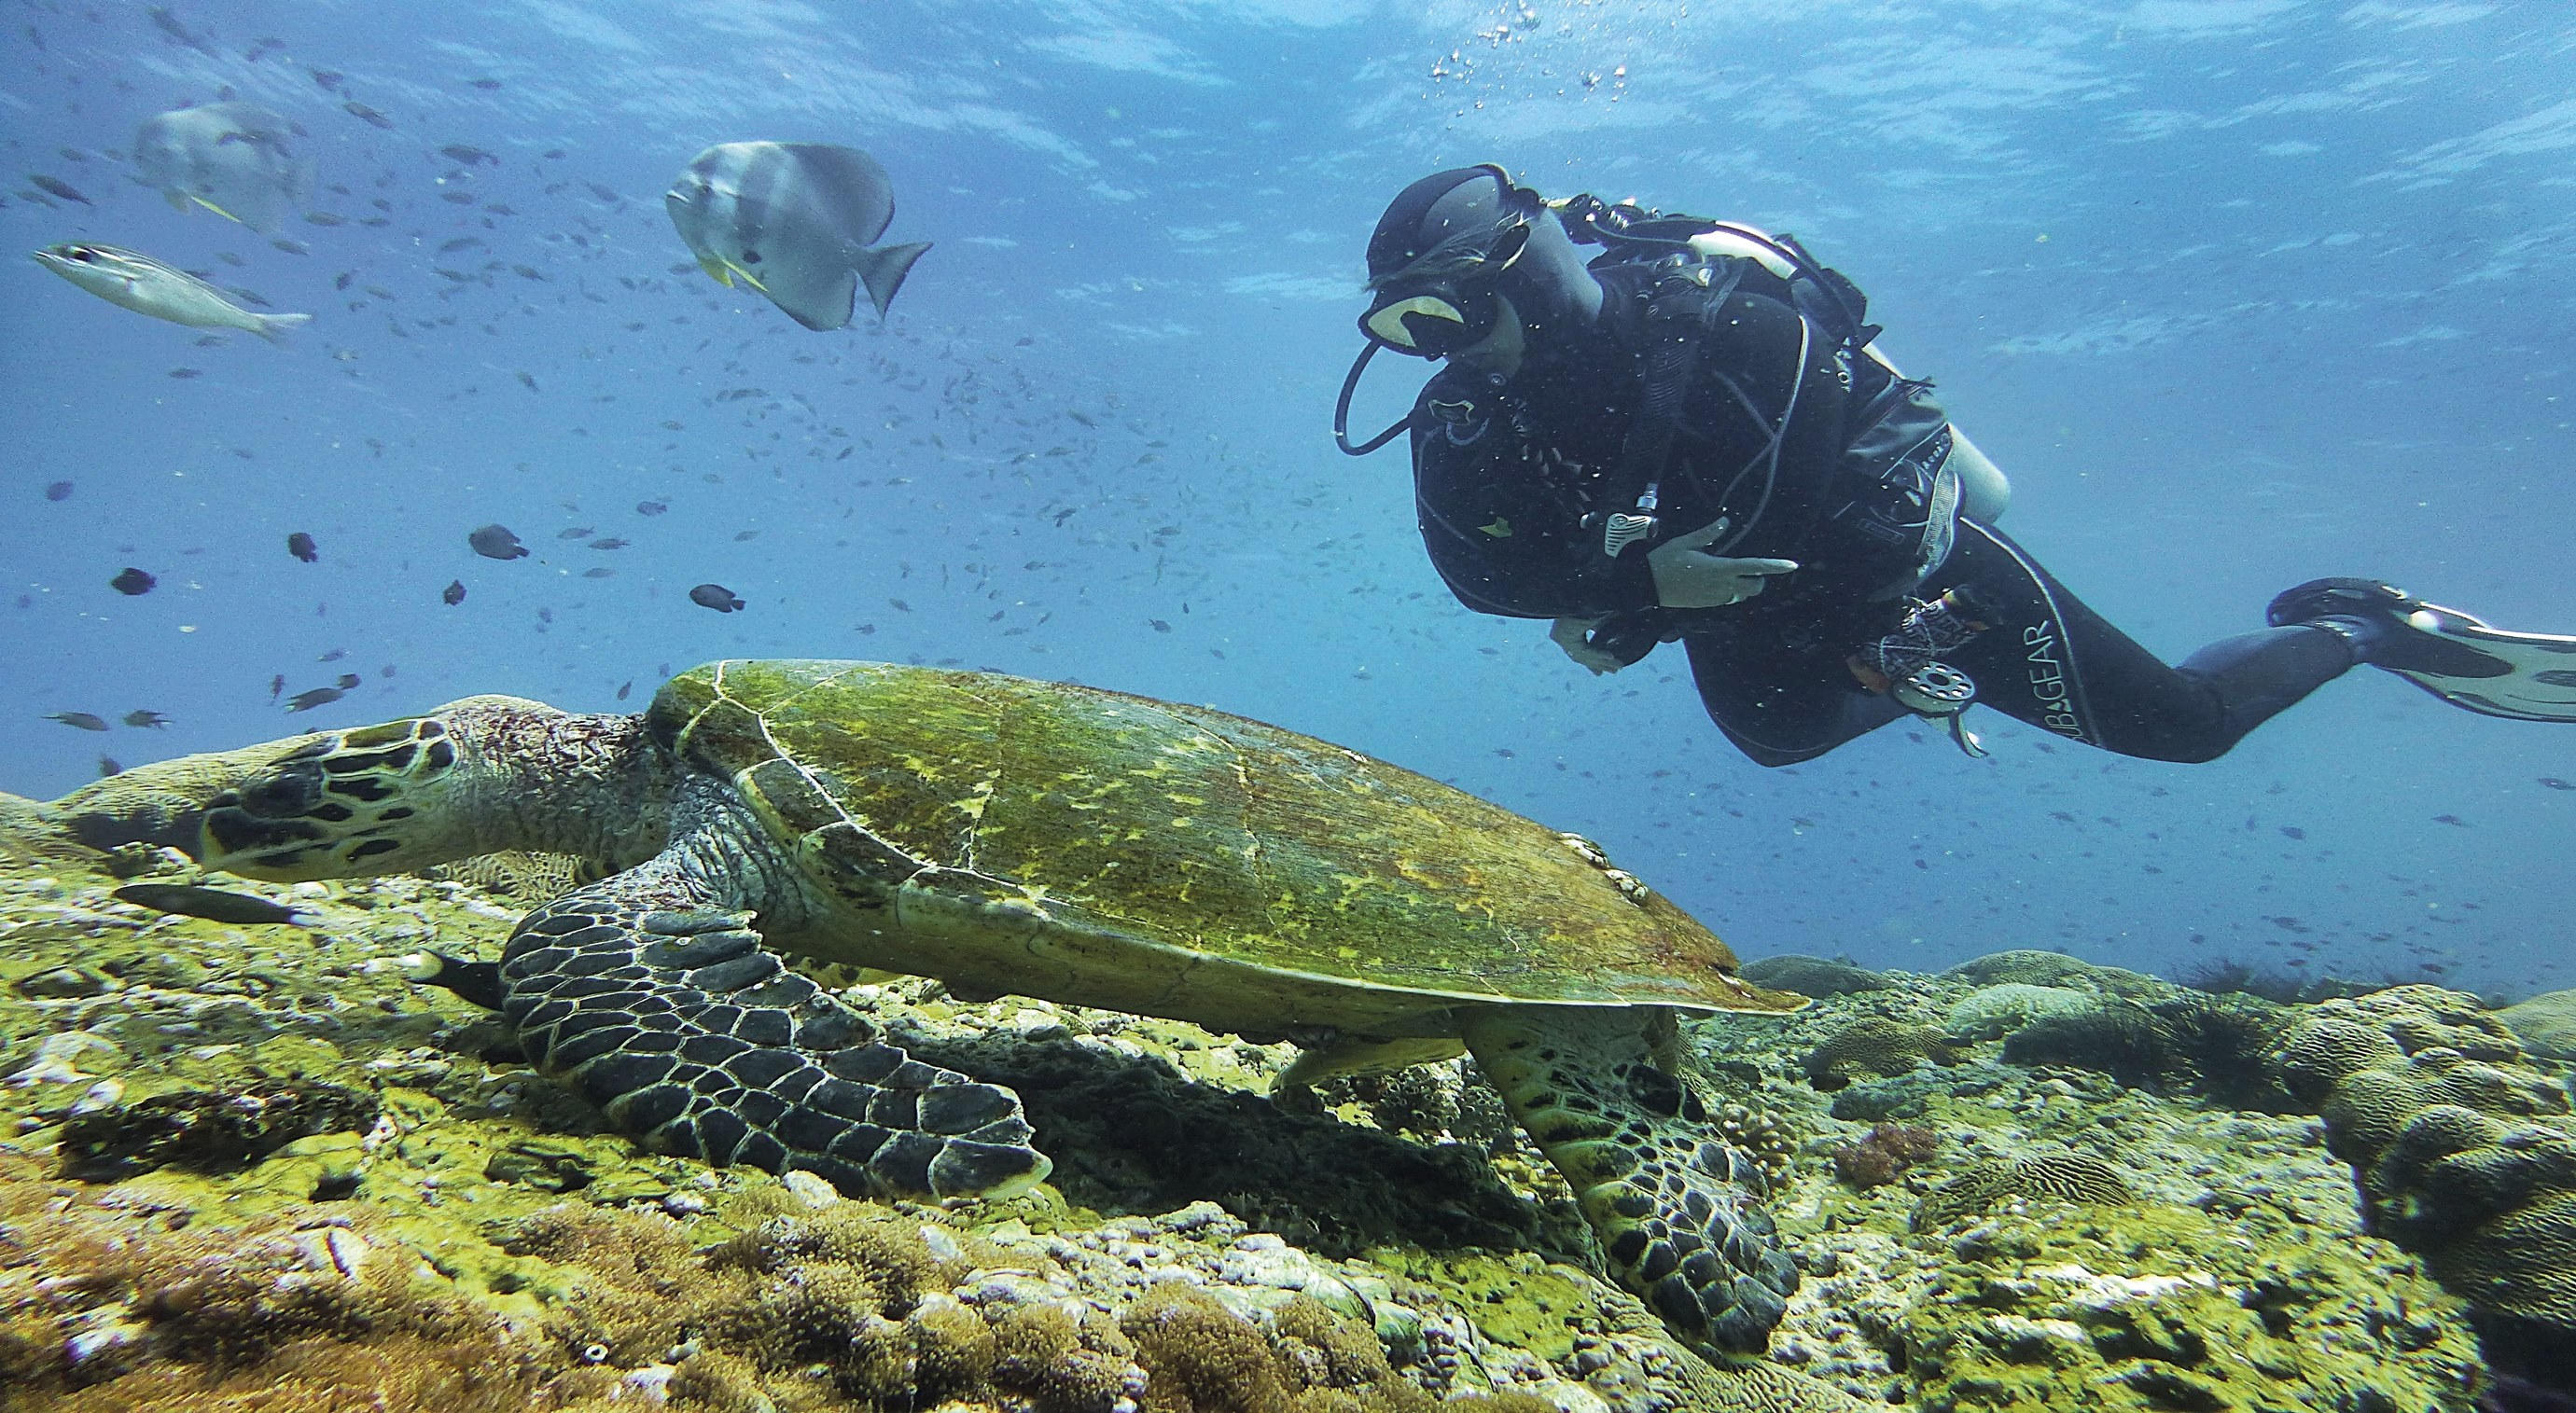 Unsere Mitarbeiterin Birgit war im Oman tauchen. Hier am Riff mit einer Schildkröte